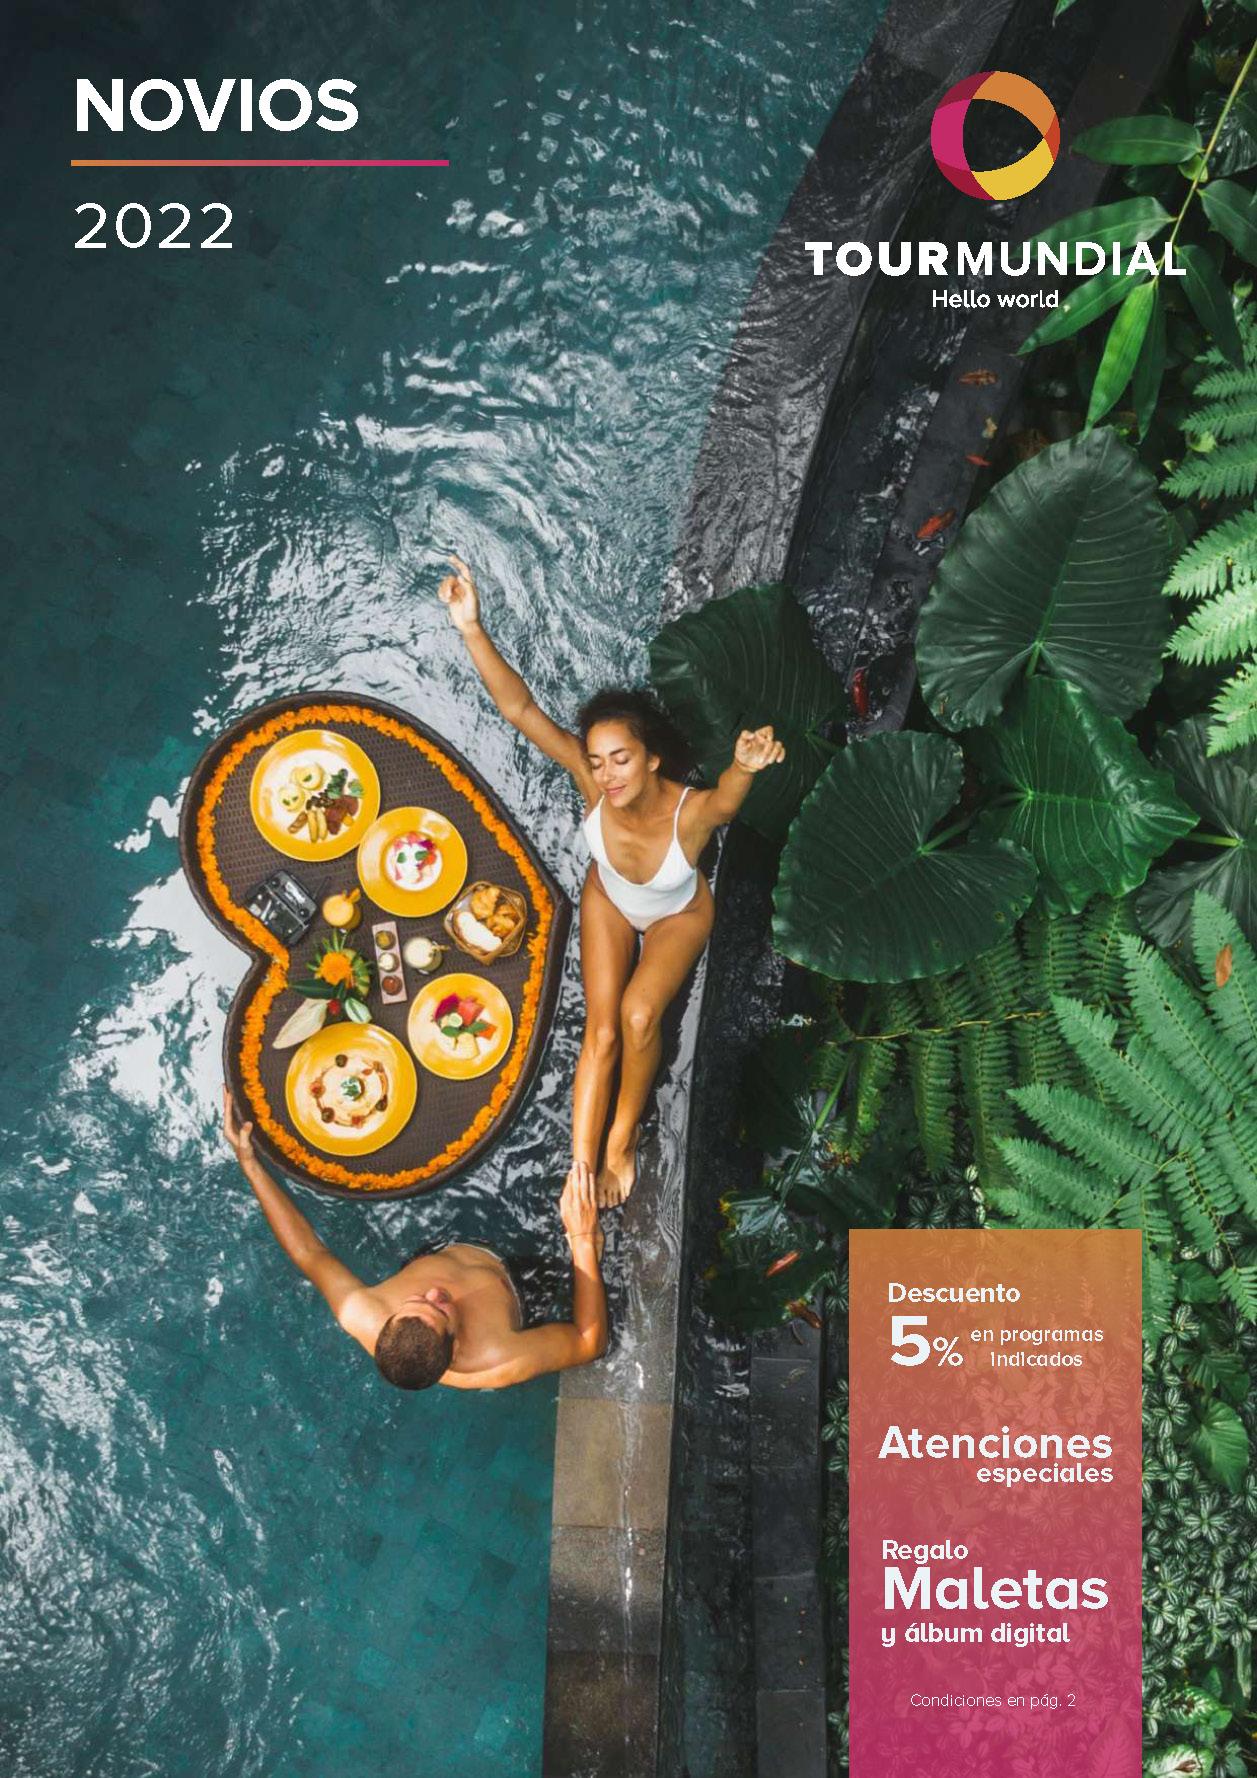 Catalogo Tourmundial Viajes de Novios 2022